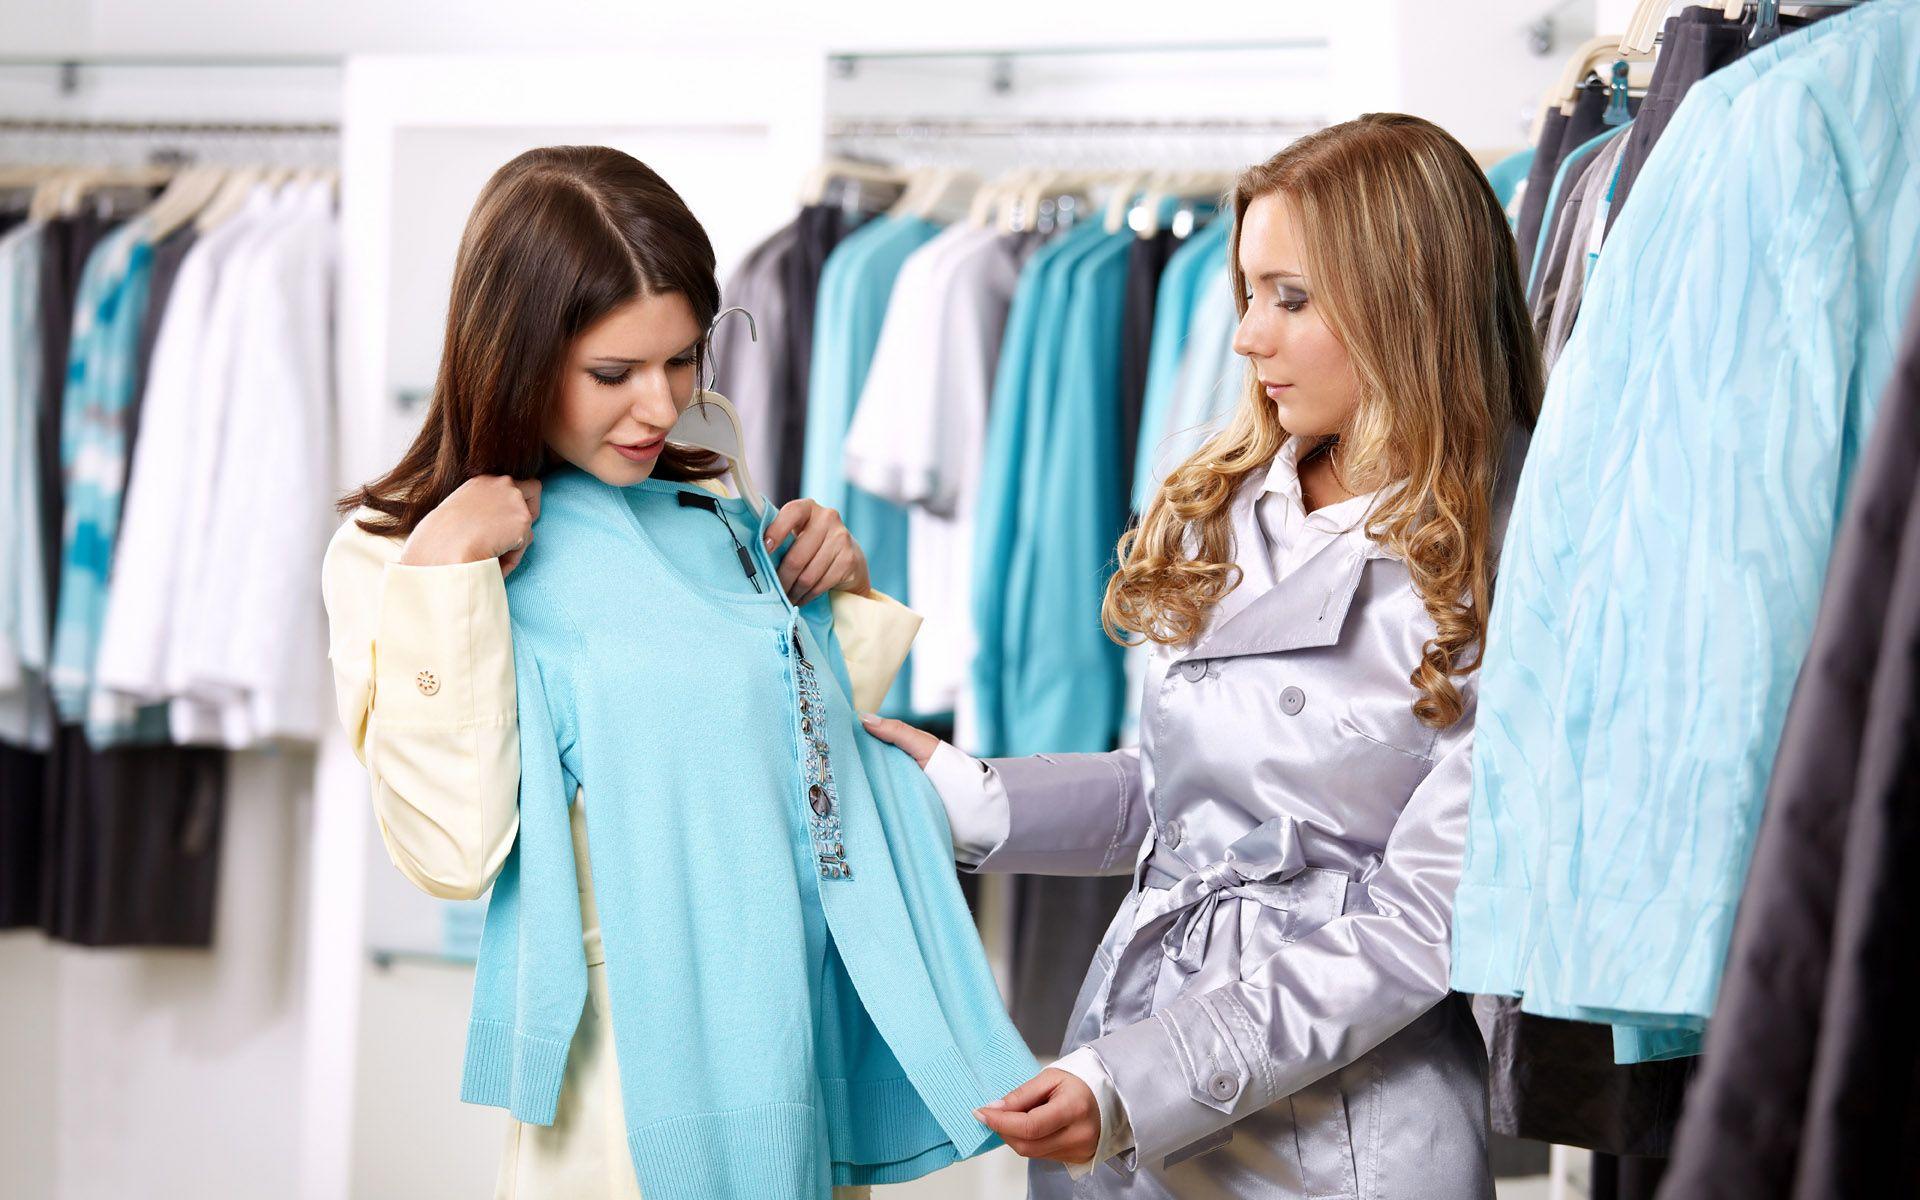 Envolver o cliente na compra faz toda a diferença